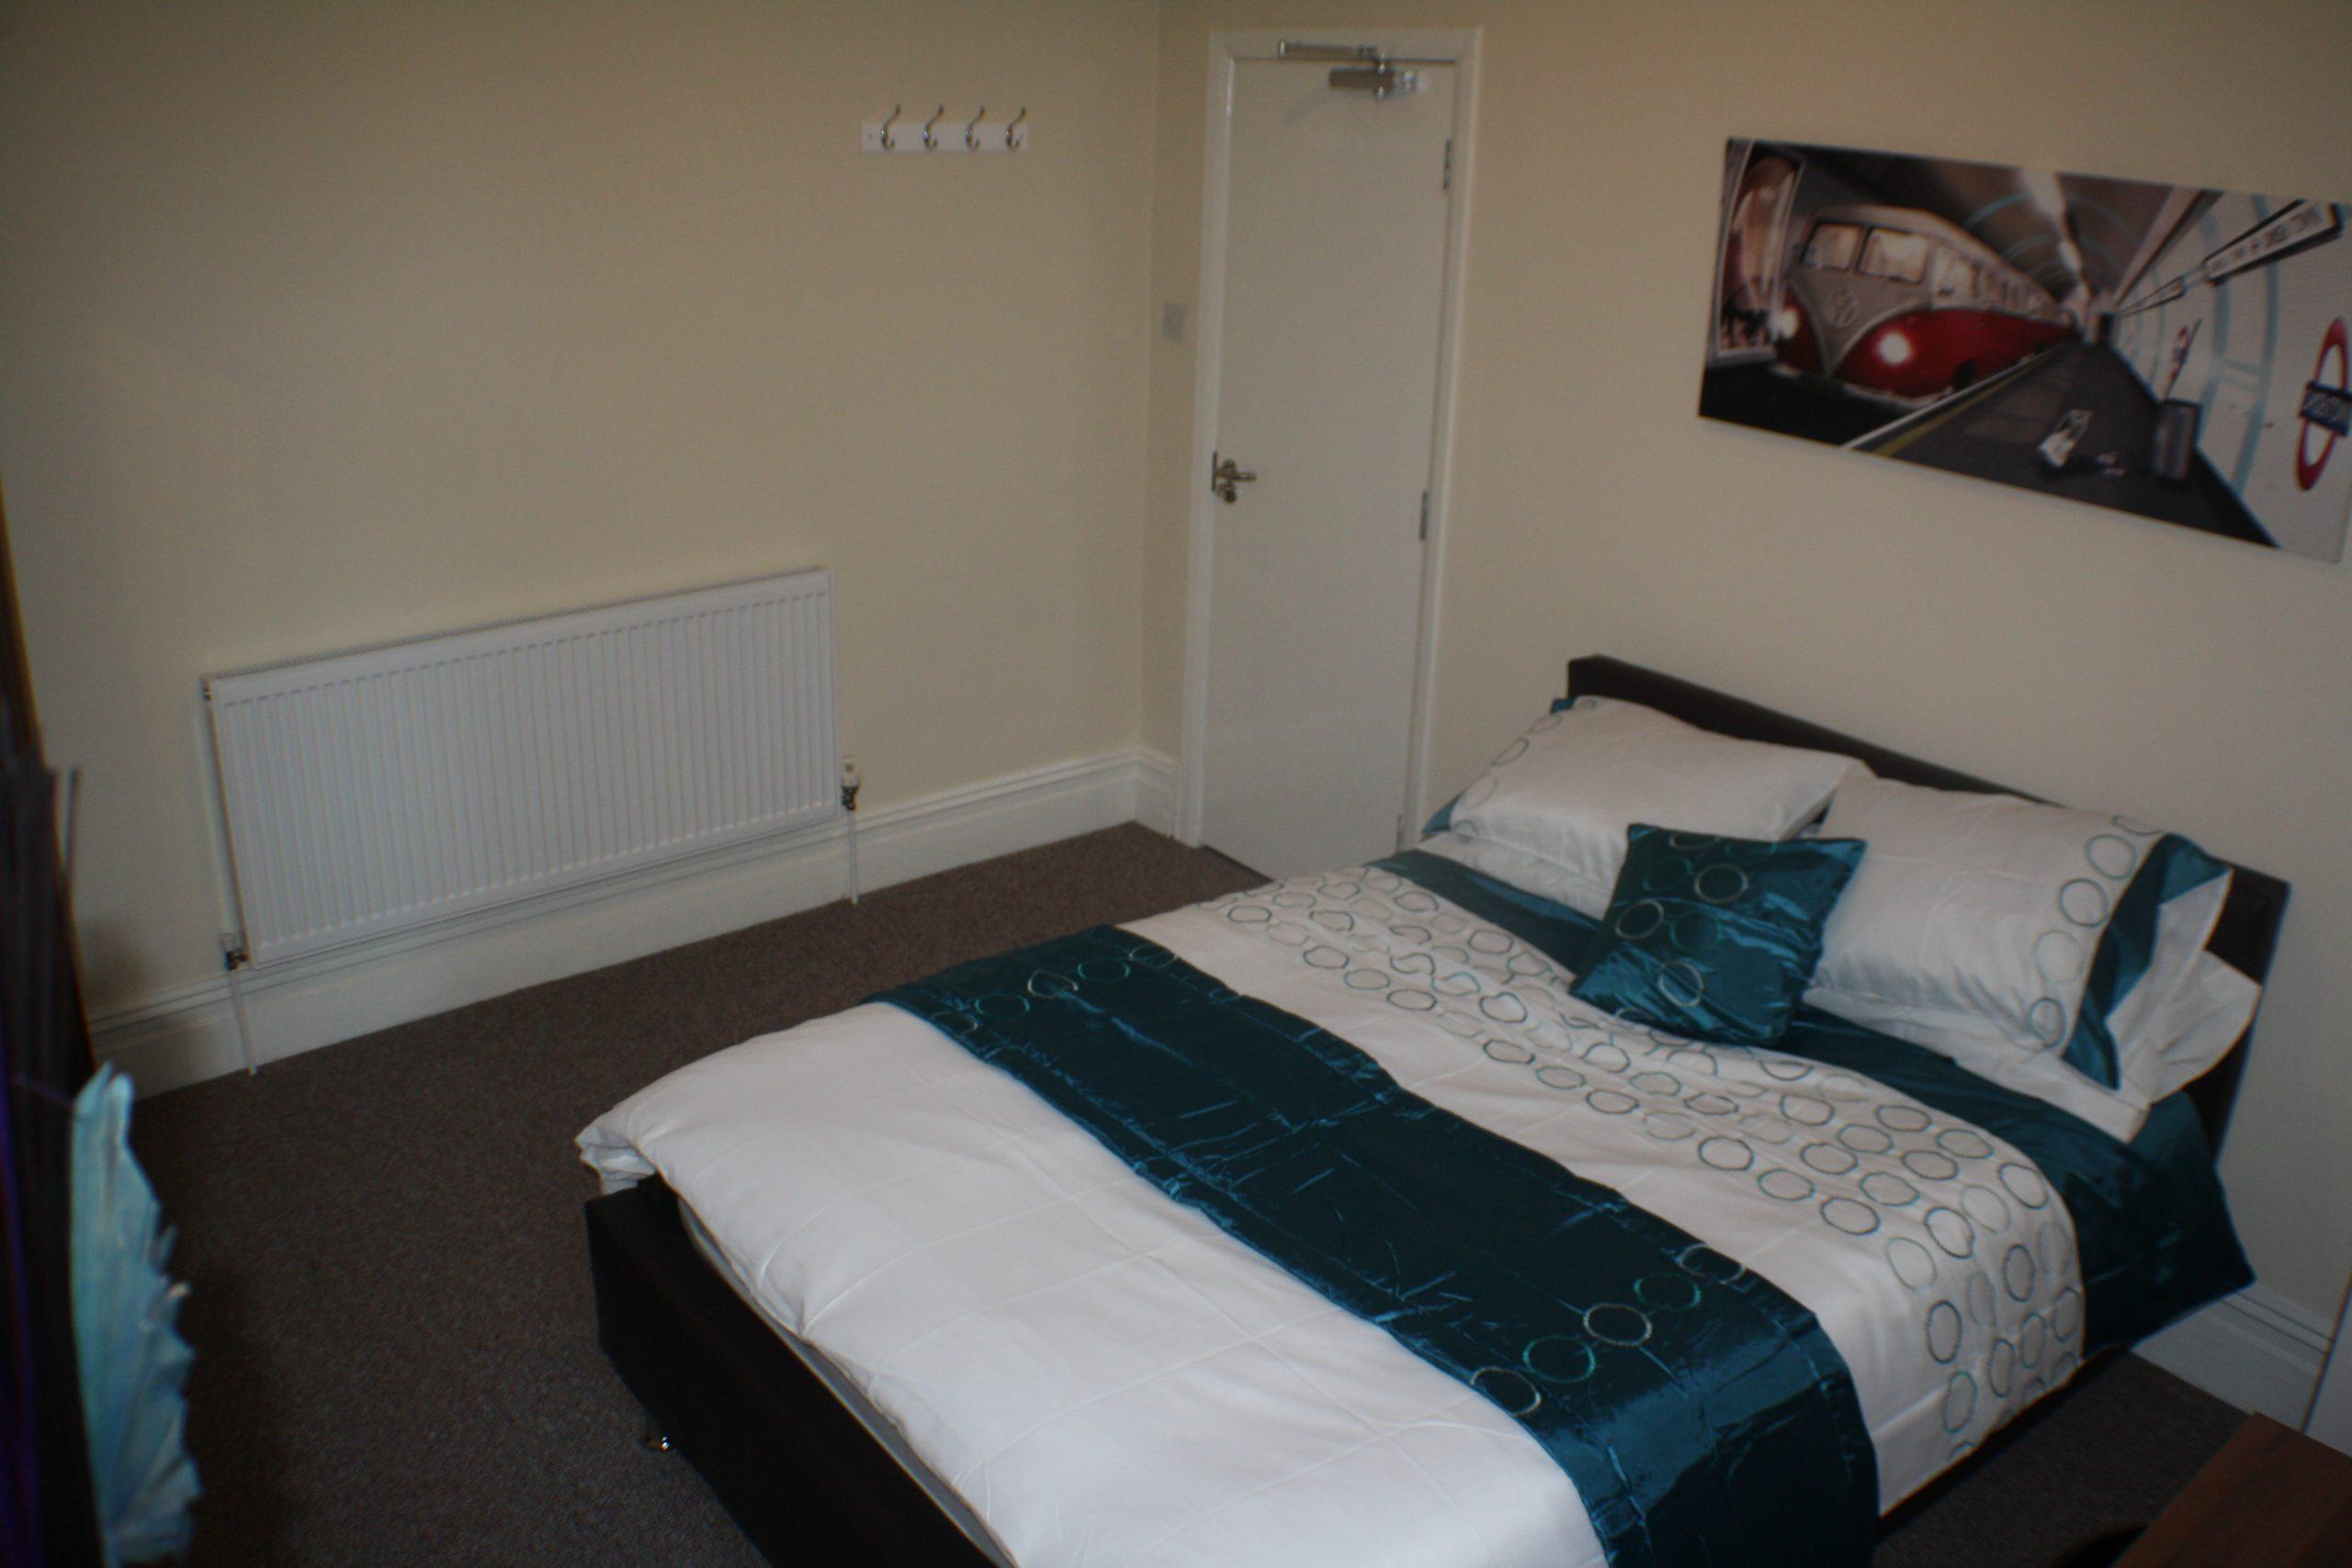 Spacious Rooms Available – Erdington – B24